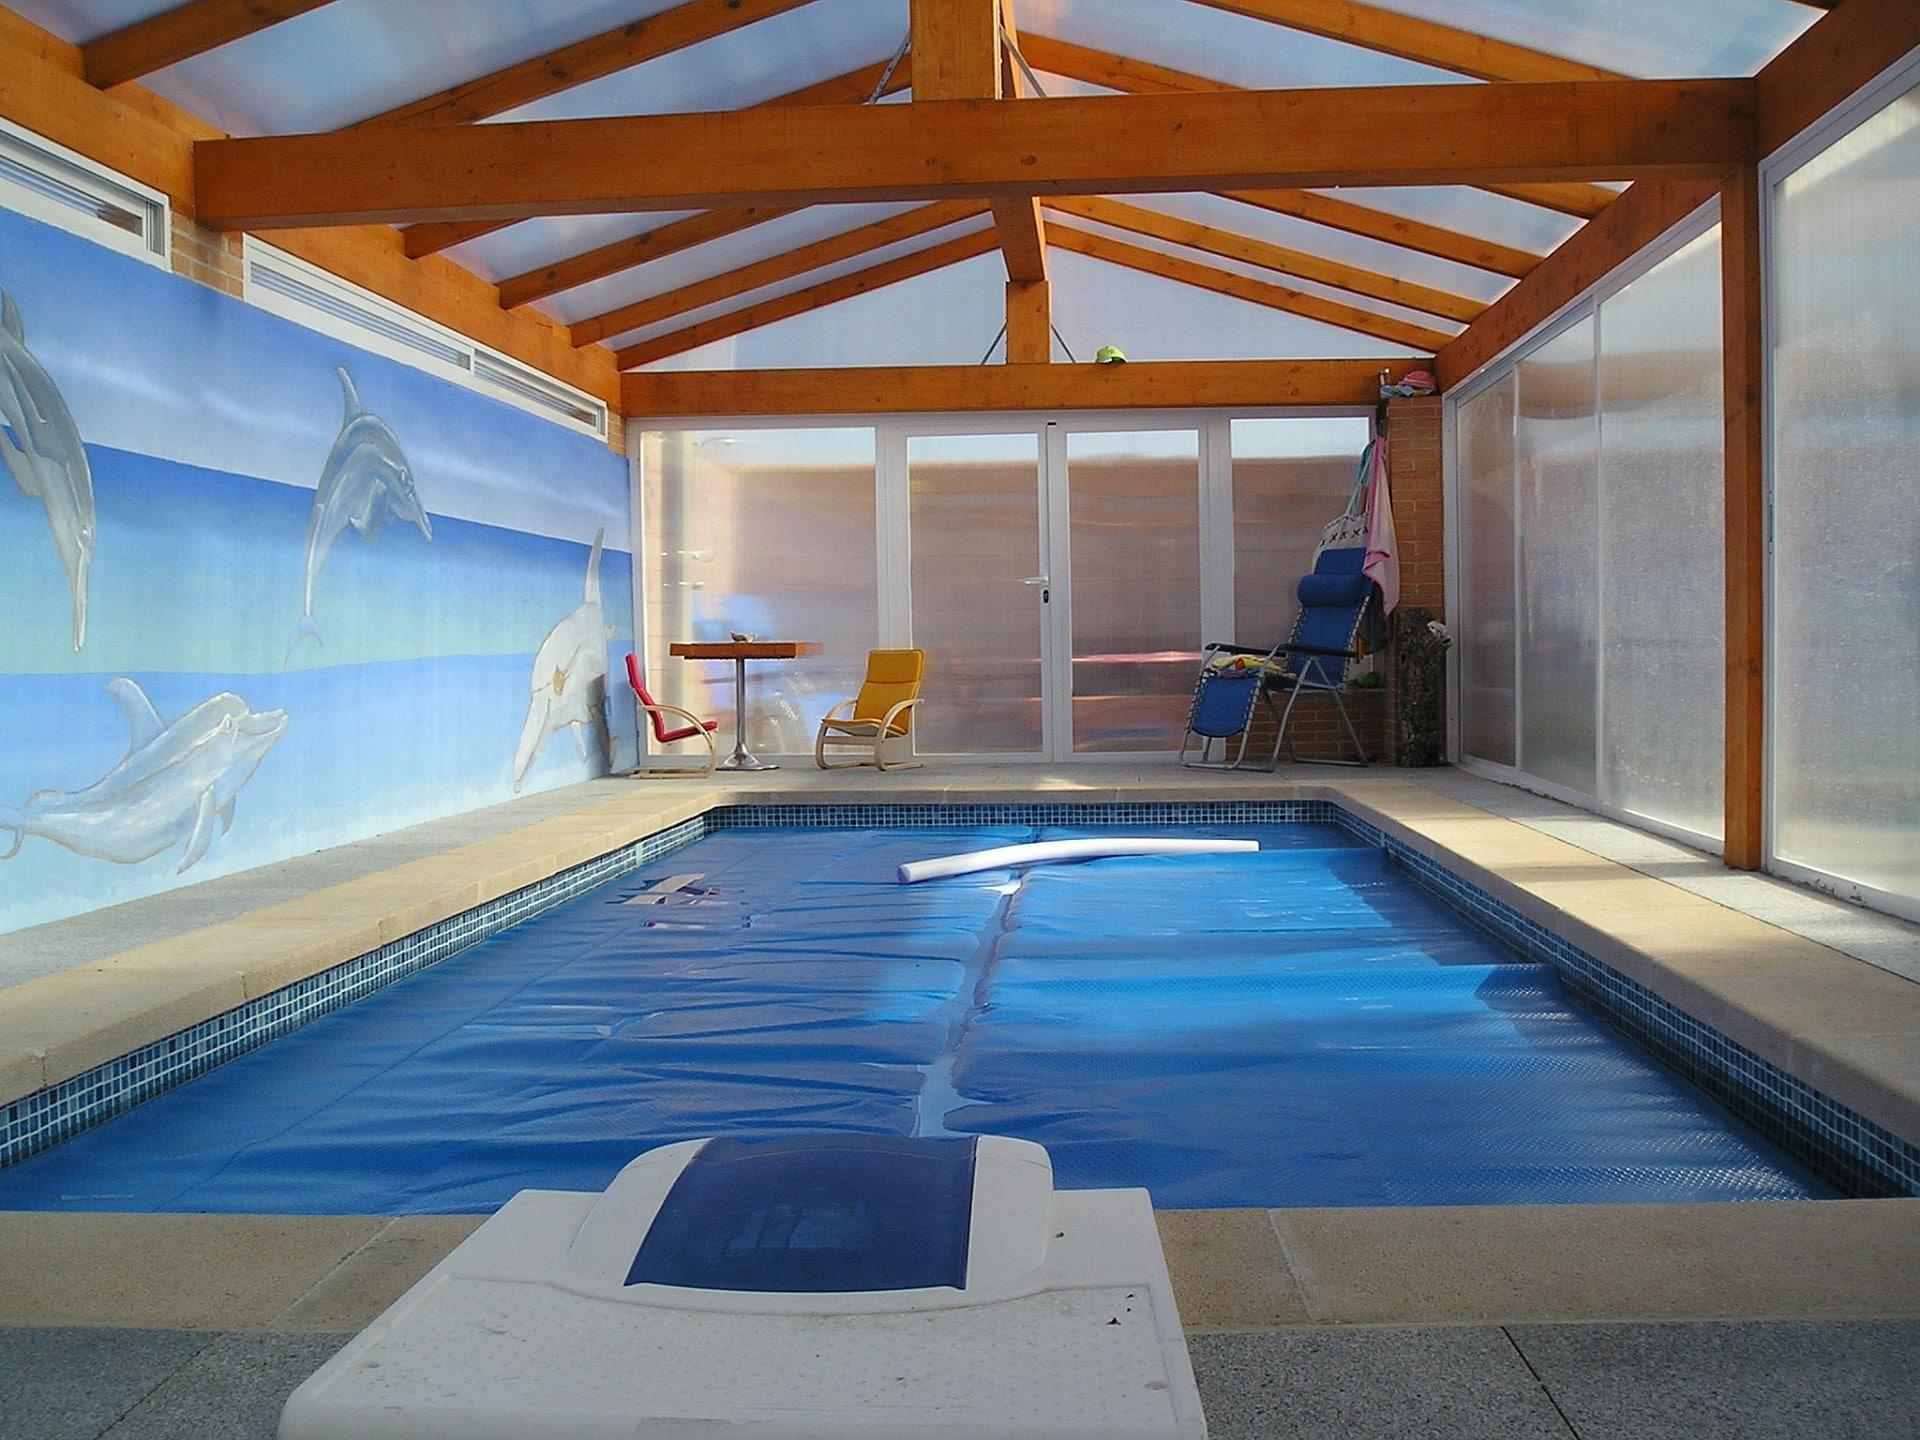 o hacer una piscina de obra con ladrillos